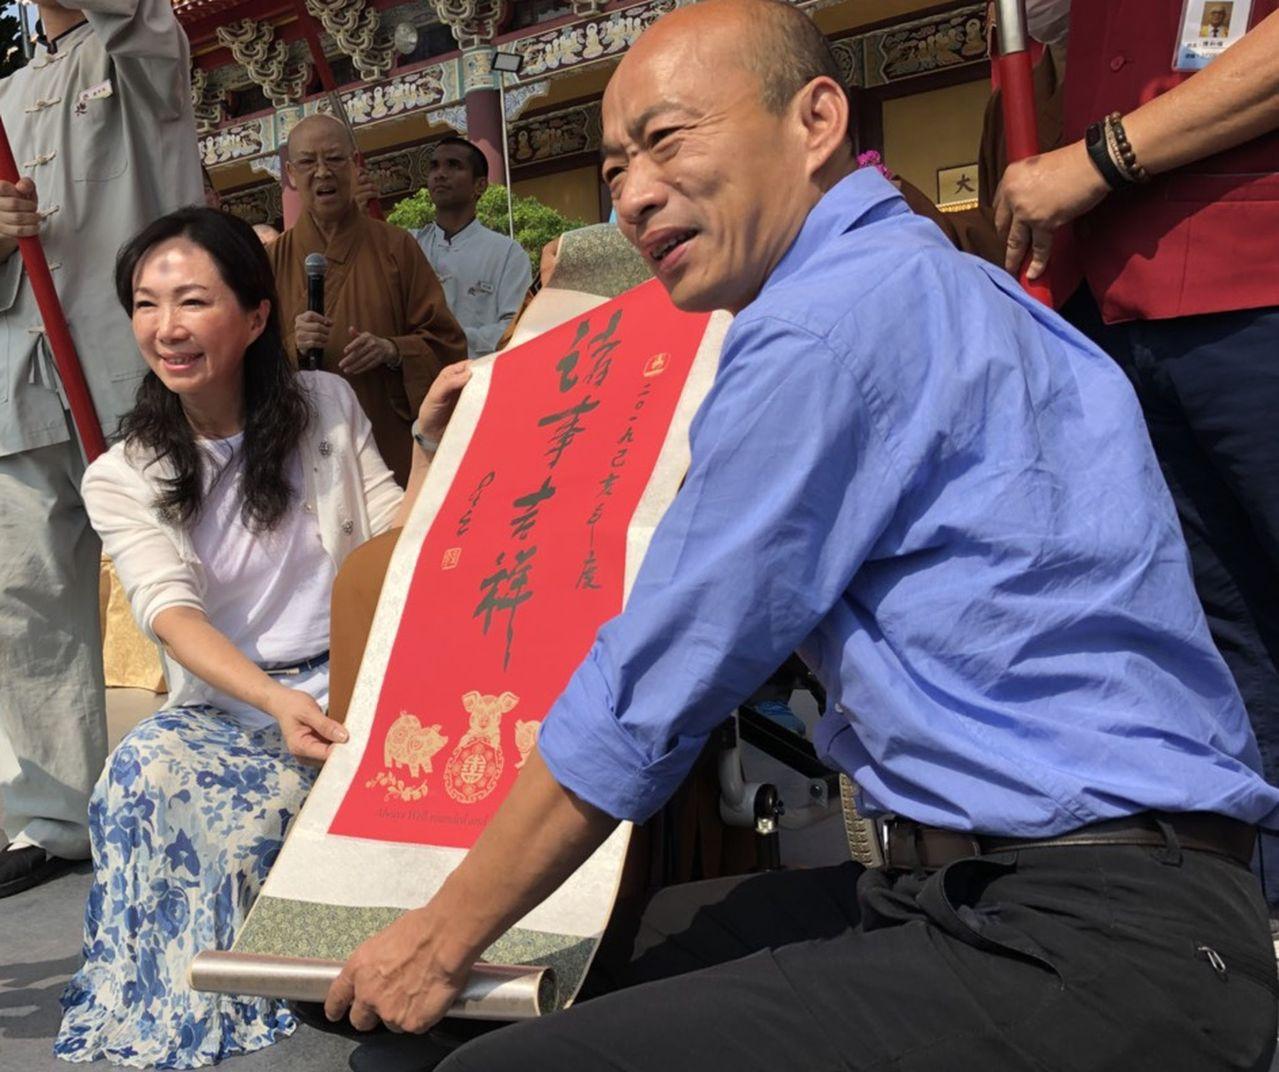 韓國瑜今早拜會佛光山星雲大師,獲大師親贈一筆字「諸事吉祥」。記者王昭月/攝影